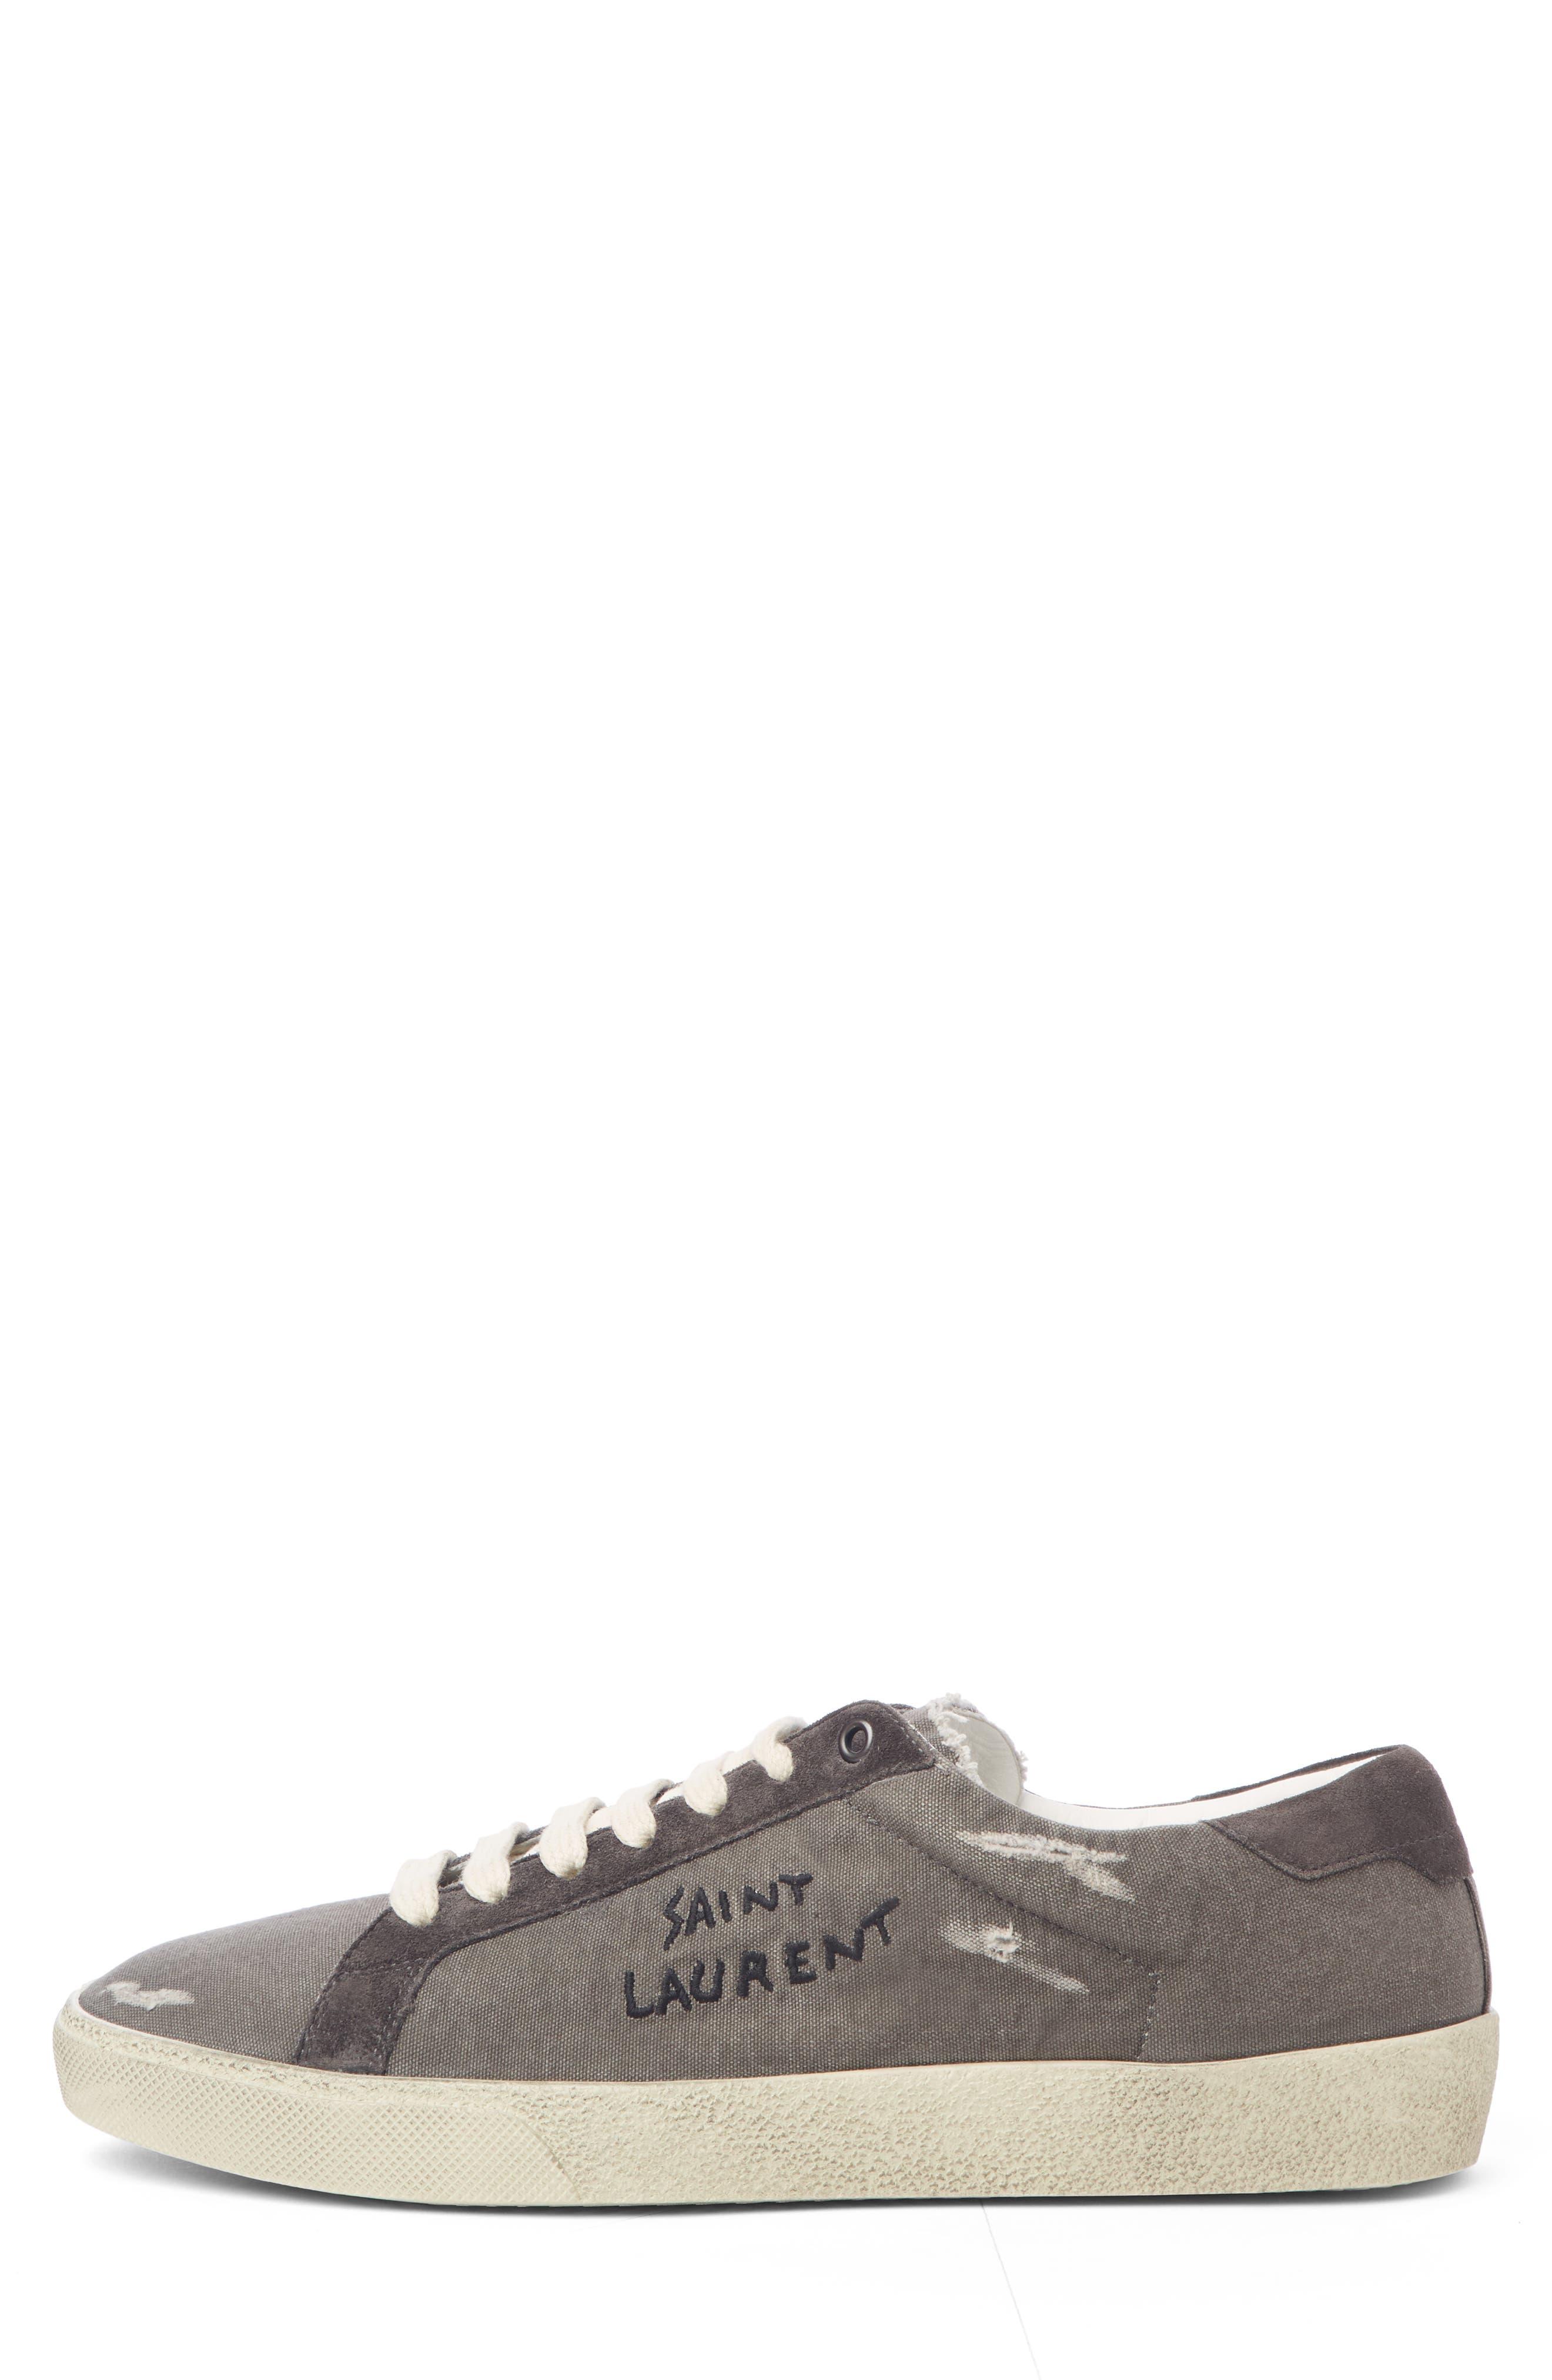 Low Top Sneaker,                             Alternate thumbnail 3, color,                             076